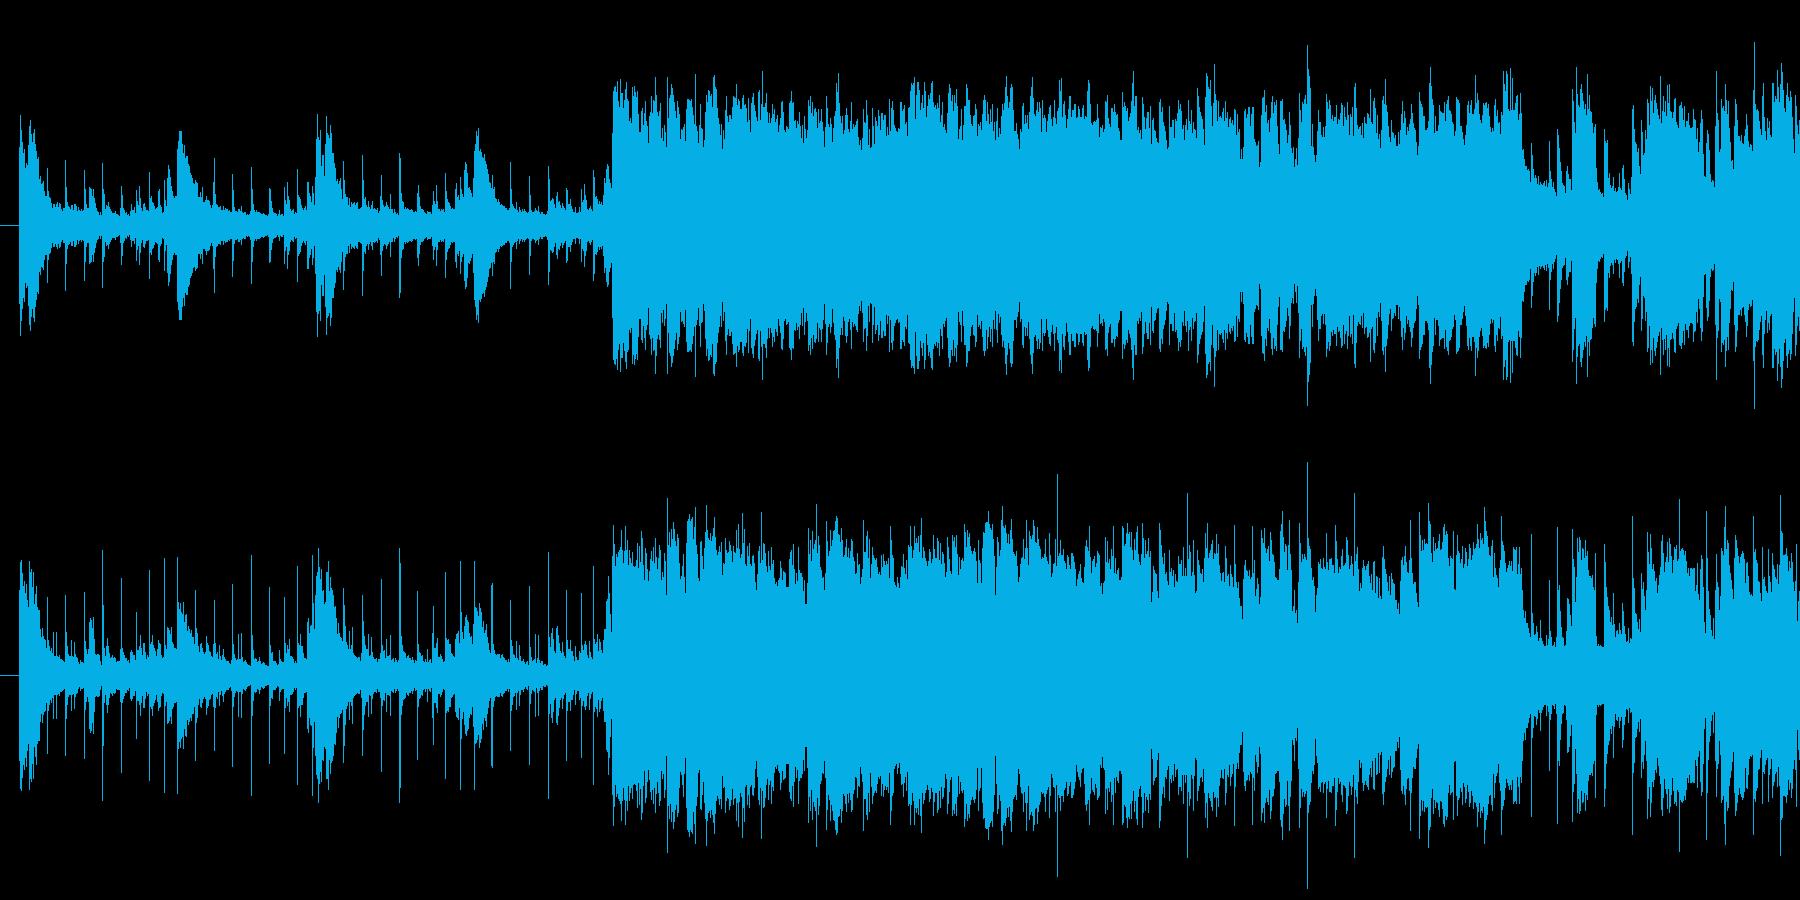 空気感、生演奏感のあるジャズループ曲で…の再生済みの波形